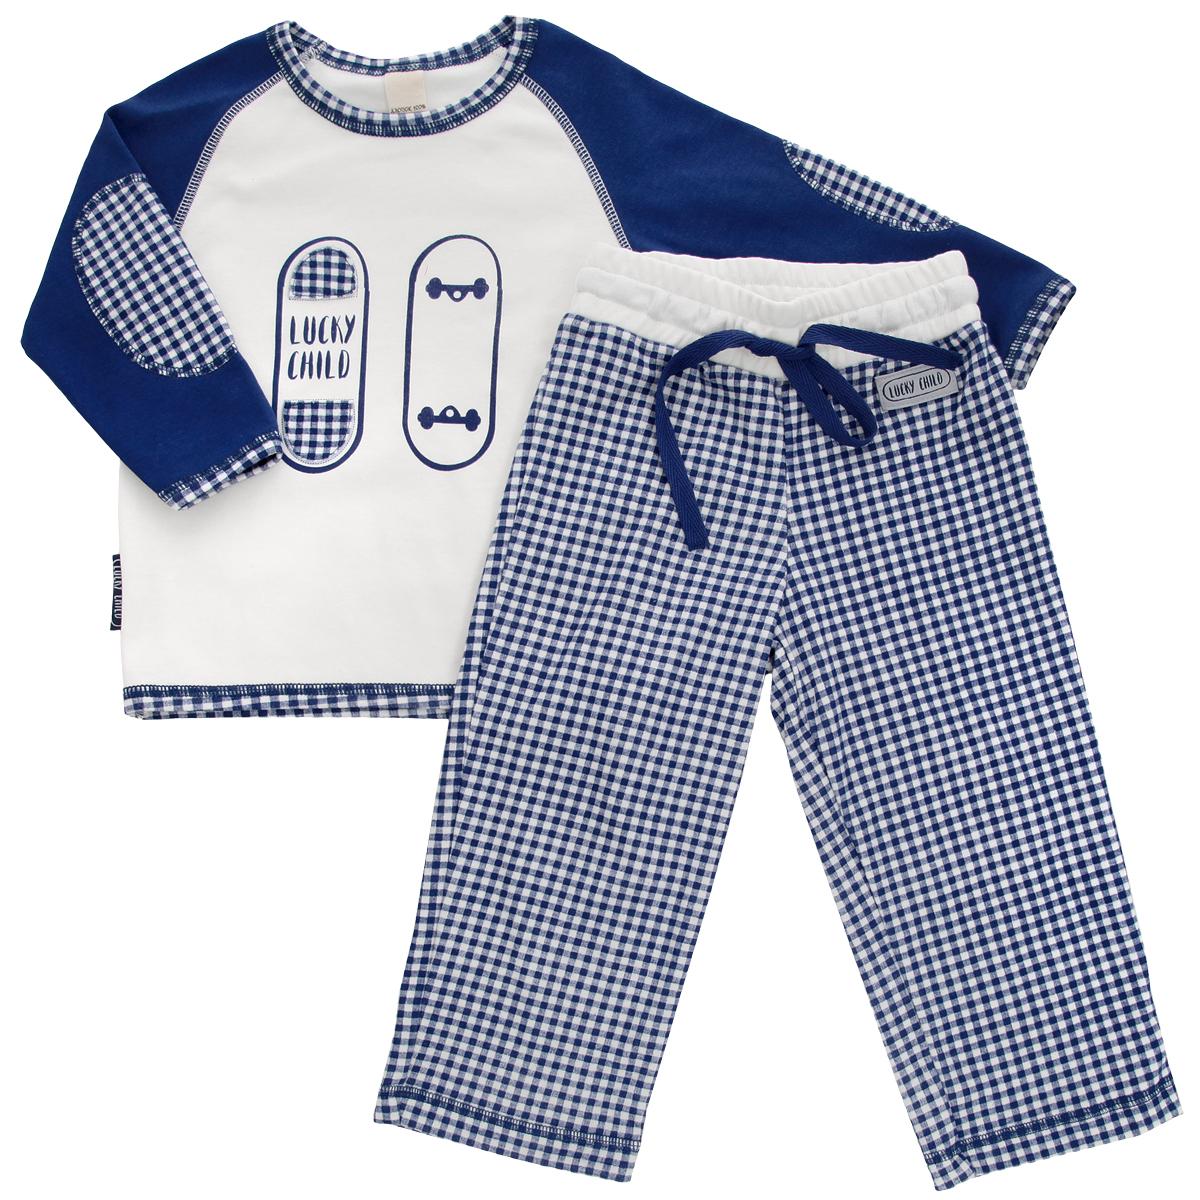 Пижама для мальчика Lucky Child, цвет: синий, молочный. 13-401. Размер 122/12813-401Очаровательная пижама для мальчика Lucky Child, состоящая из футболки с длинным рукавом и брюк, идеально подойдет вашему маленькому мужчине и станет отличным дополнением к детскому гардеробу. Изготовленная из натурального хлопка - интерлока, она необычайно мягкая и приятная на ощупь, не раздражает нежную кожу ребенка и хорошо вентилируется, а эластичные швы приятны телу и не препятствуют его движениям.Футболка с длинными рукавами-реглан и круглым вырезом горловины оформлена спереди оригинальной аппликацией и принтом с изображением скейтборда. Горловина, рукава и низ изделия оформлены принтом в клетку. Рукава украшены декоративными заплатами. Брюки на талии имеют широкий эластичный пояс со шнурком, благодаря чему они не сдавливают животик ребенка и не сползают. Оформлены брюки принтом в клетку и небольшой нашивкой с названием бренда. Такая пижама идеально подойдет вашему ребенку, а мягкие полотна позволят ему комфортно чувствовать себя во время сна!